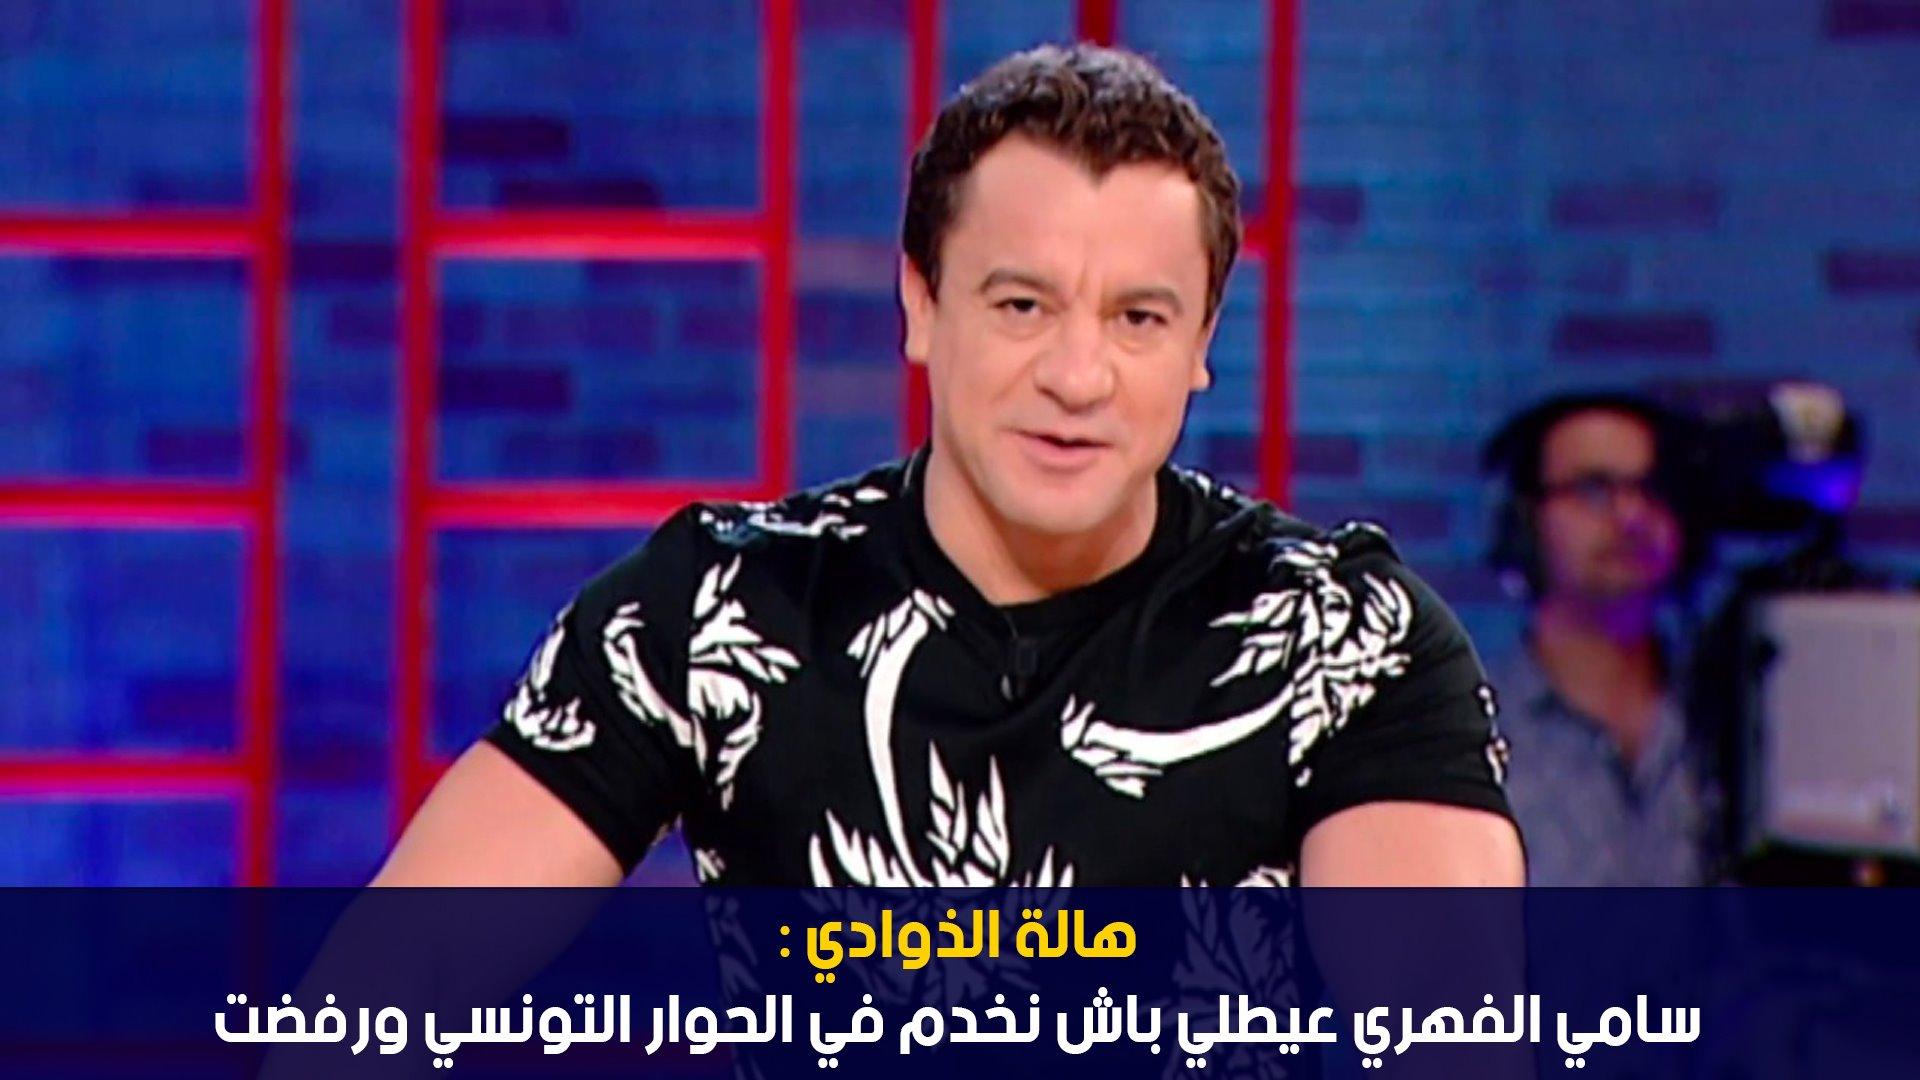 هالة الذوادي: سامي الفهري عيطلي باش نخدم في الحوار التونسي ورفضت